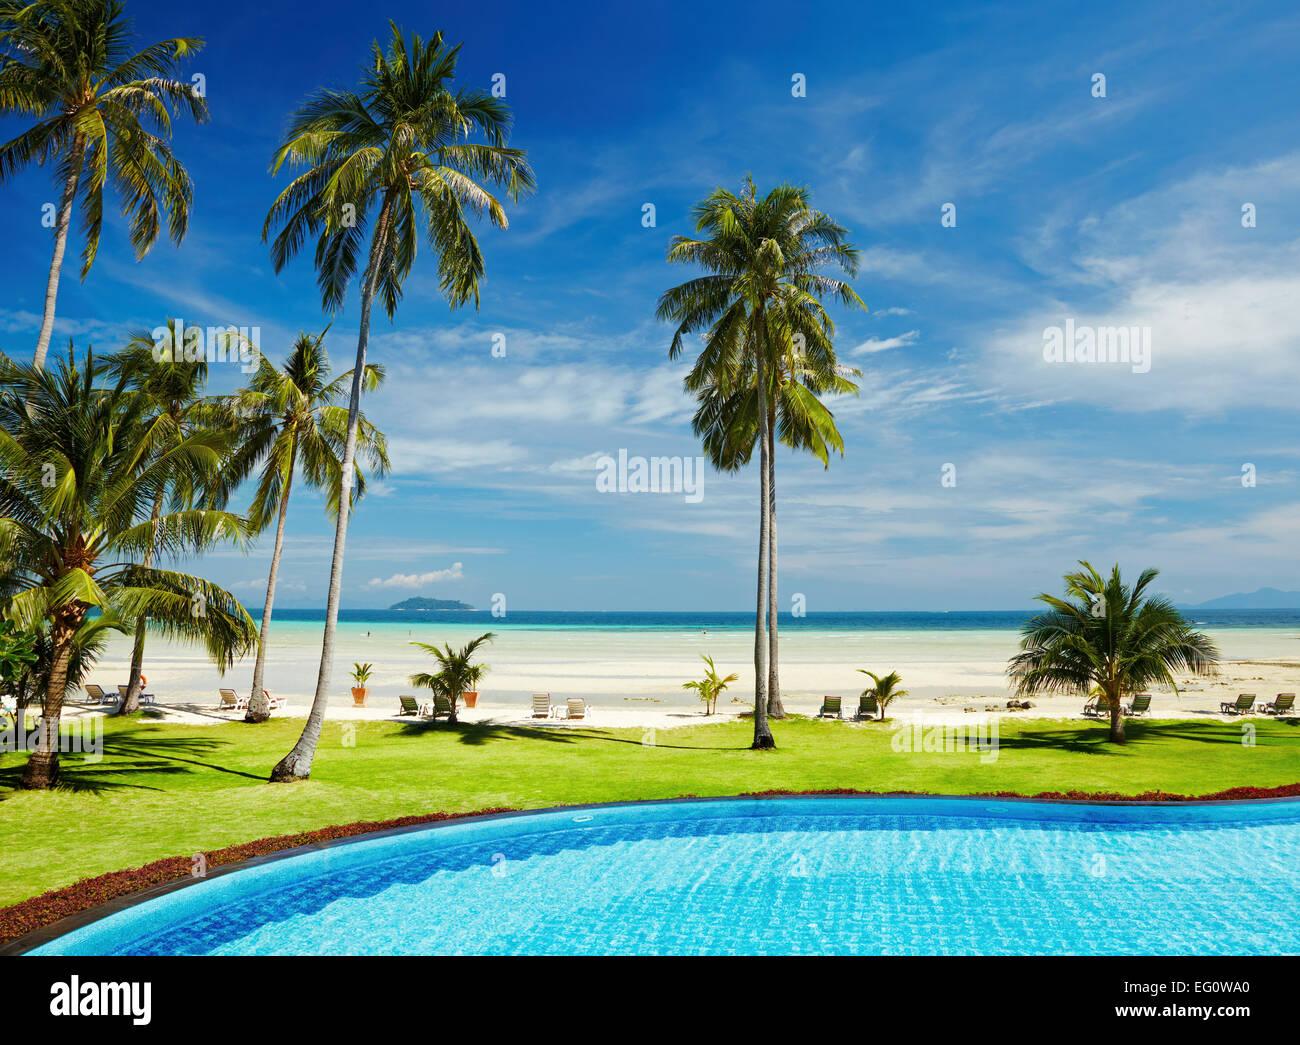 Tropischer Strand mit Palmen und pool Stockbild